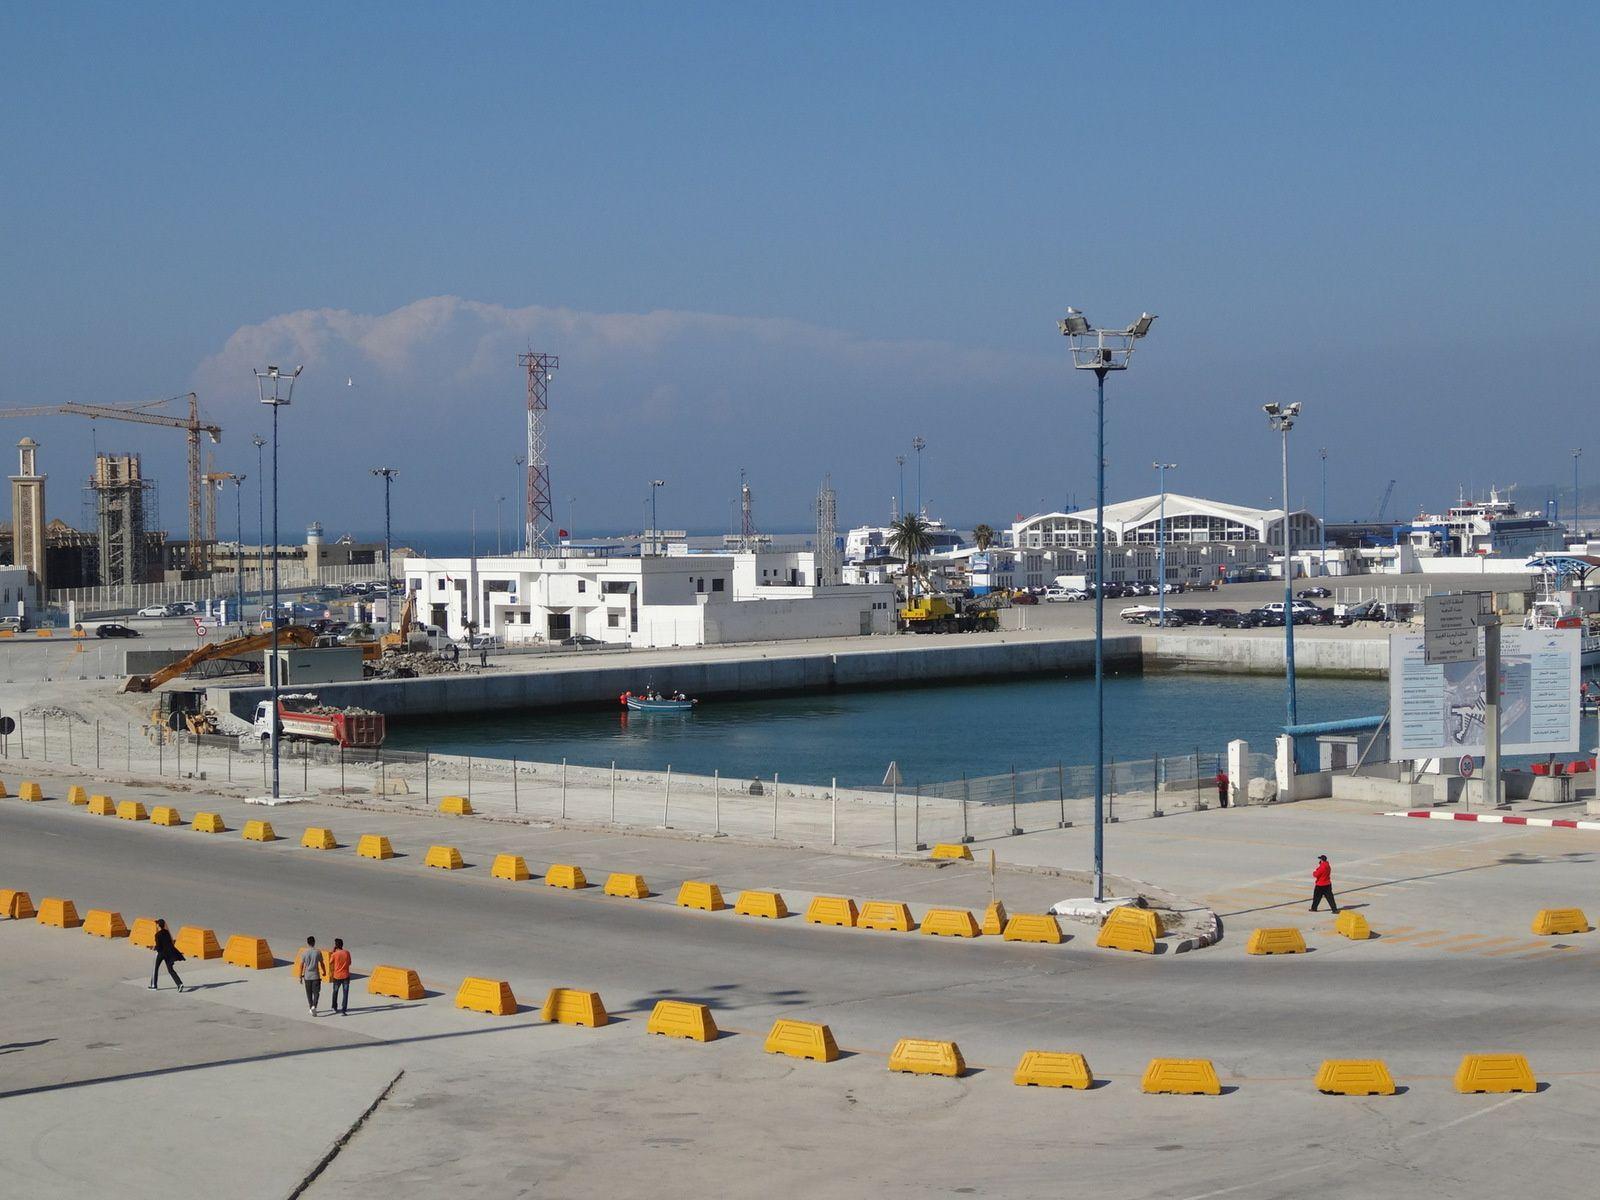 Les travaux du port de Tanger : le réaménagement des quais du port de plaisance